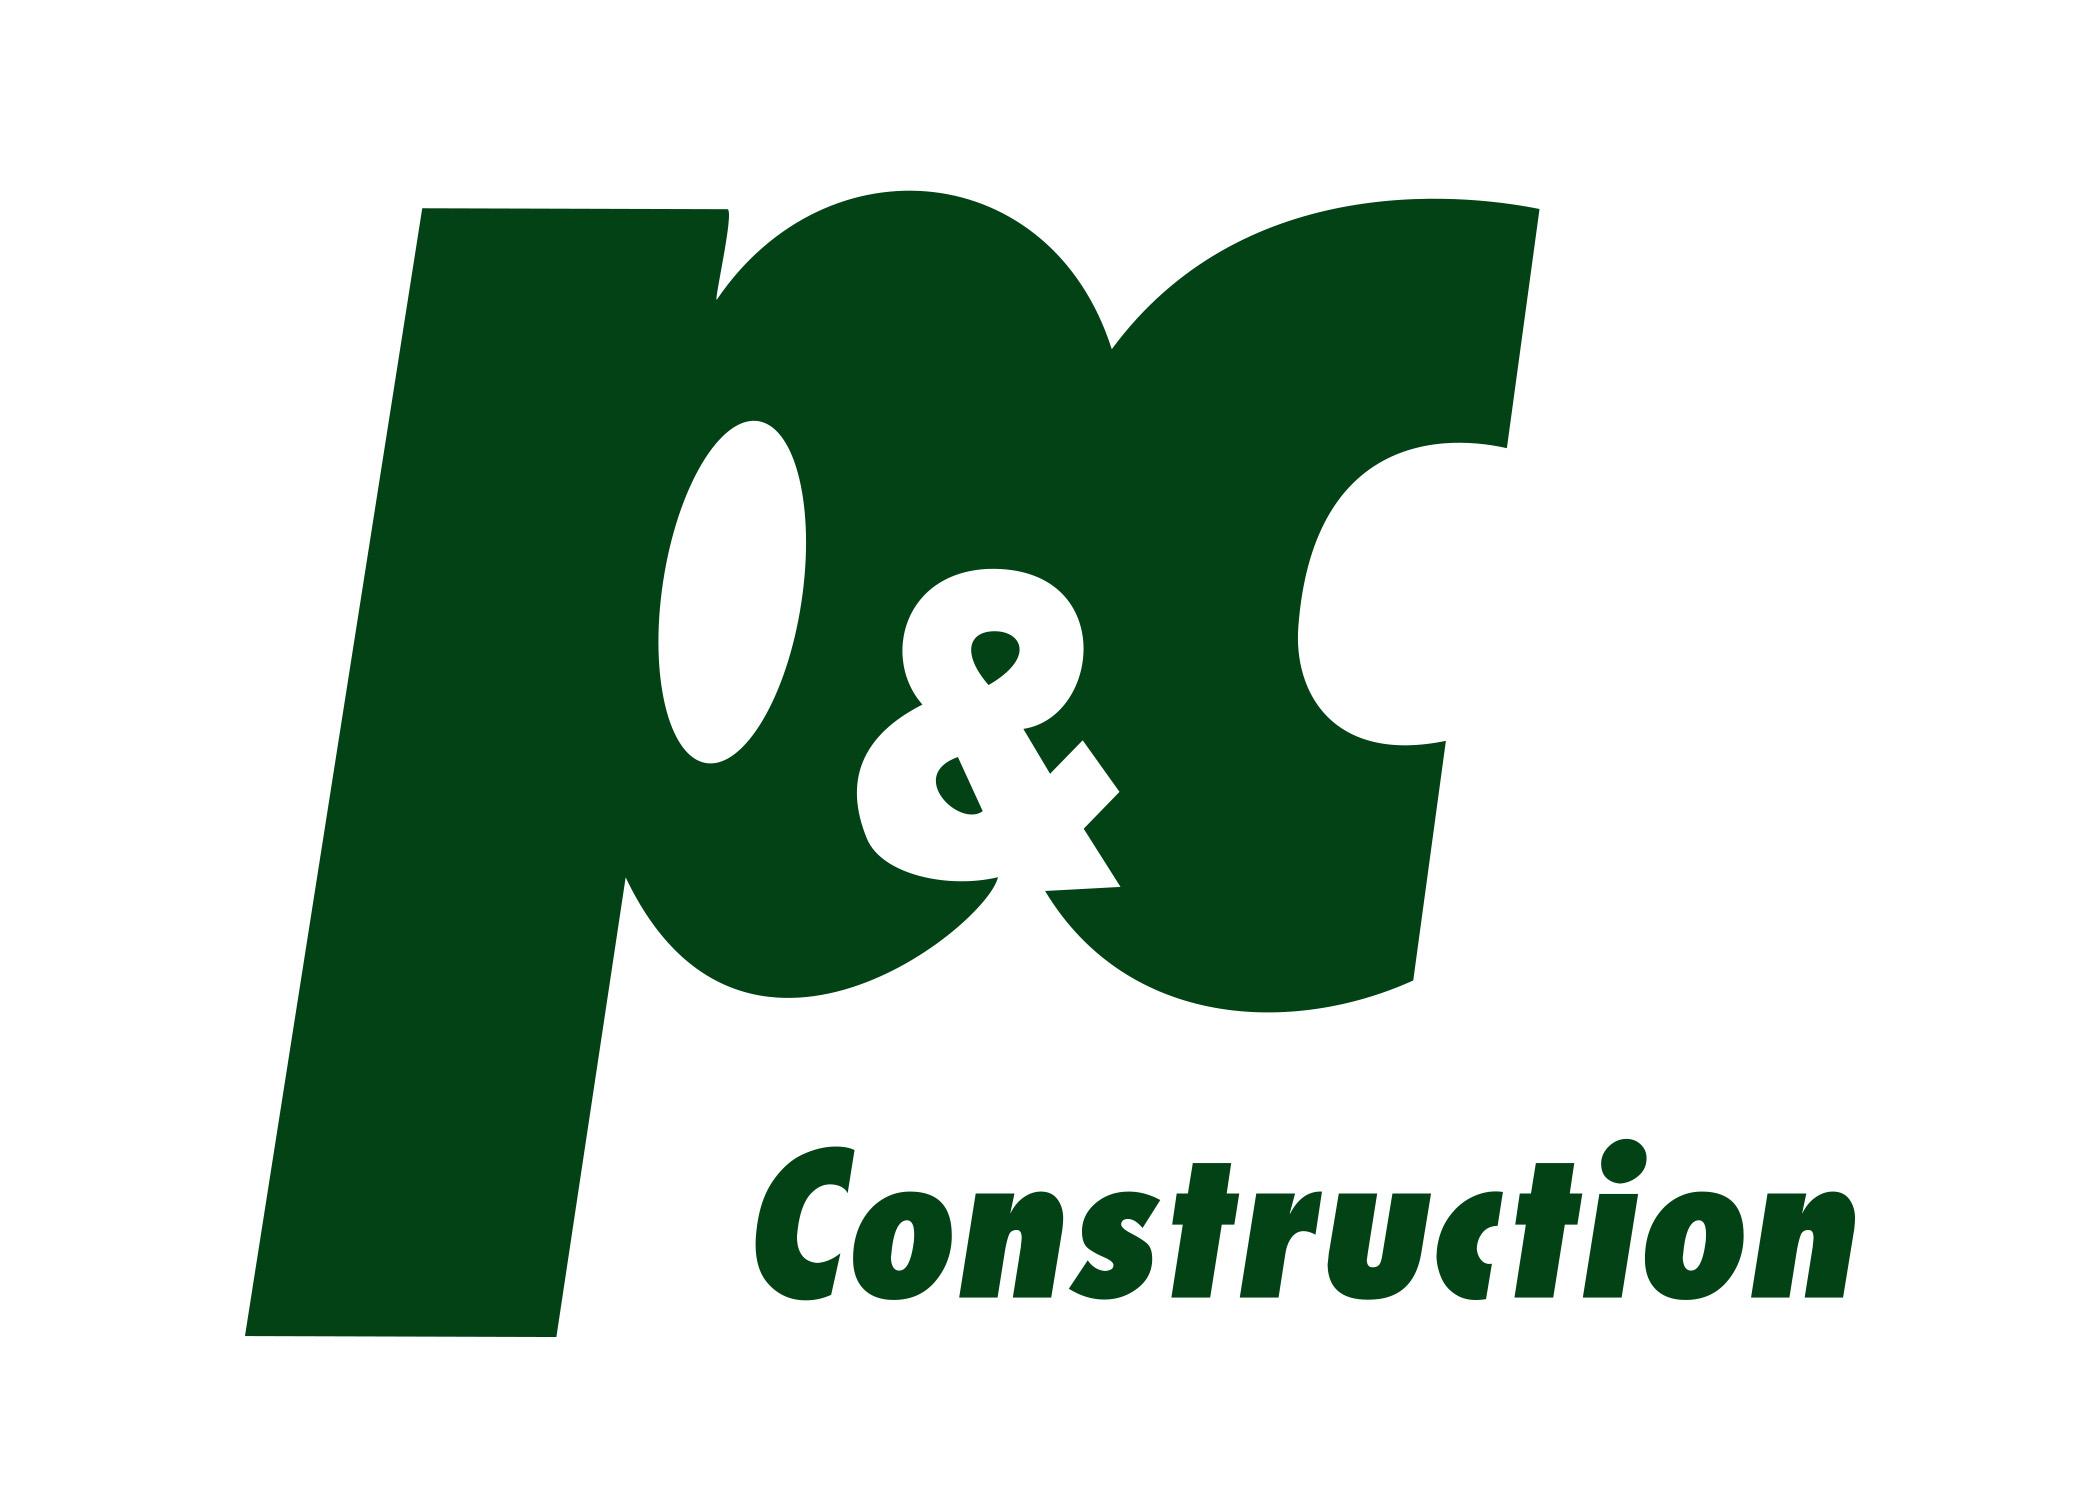 P&C green logo.jpg